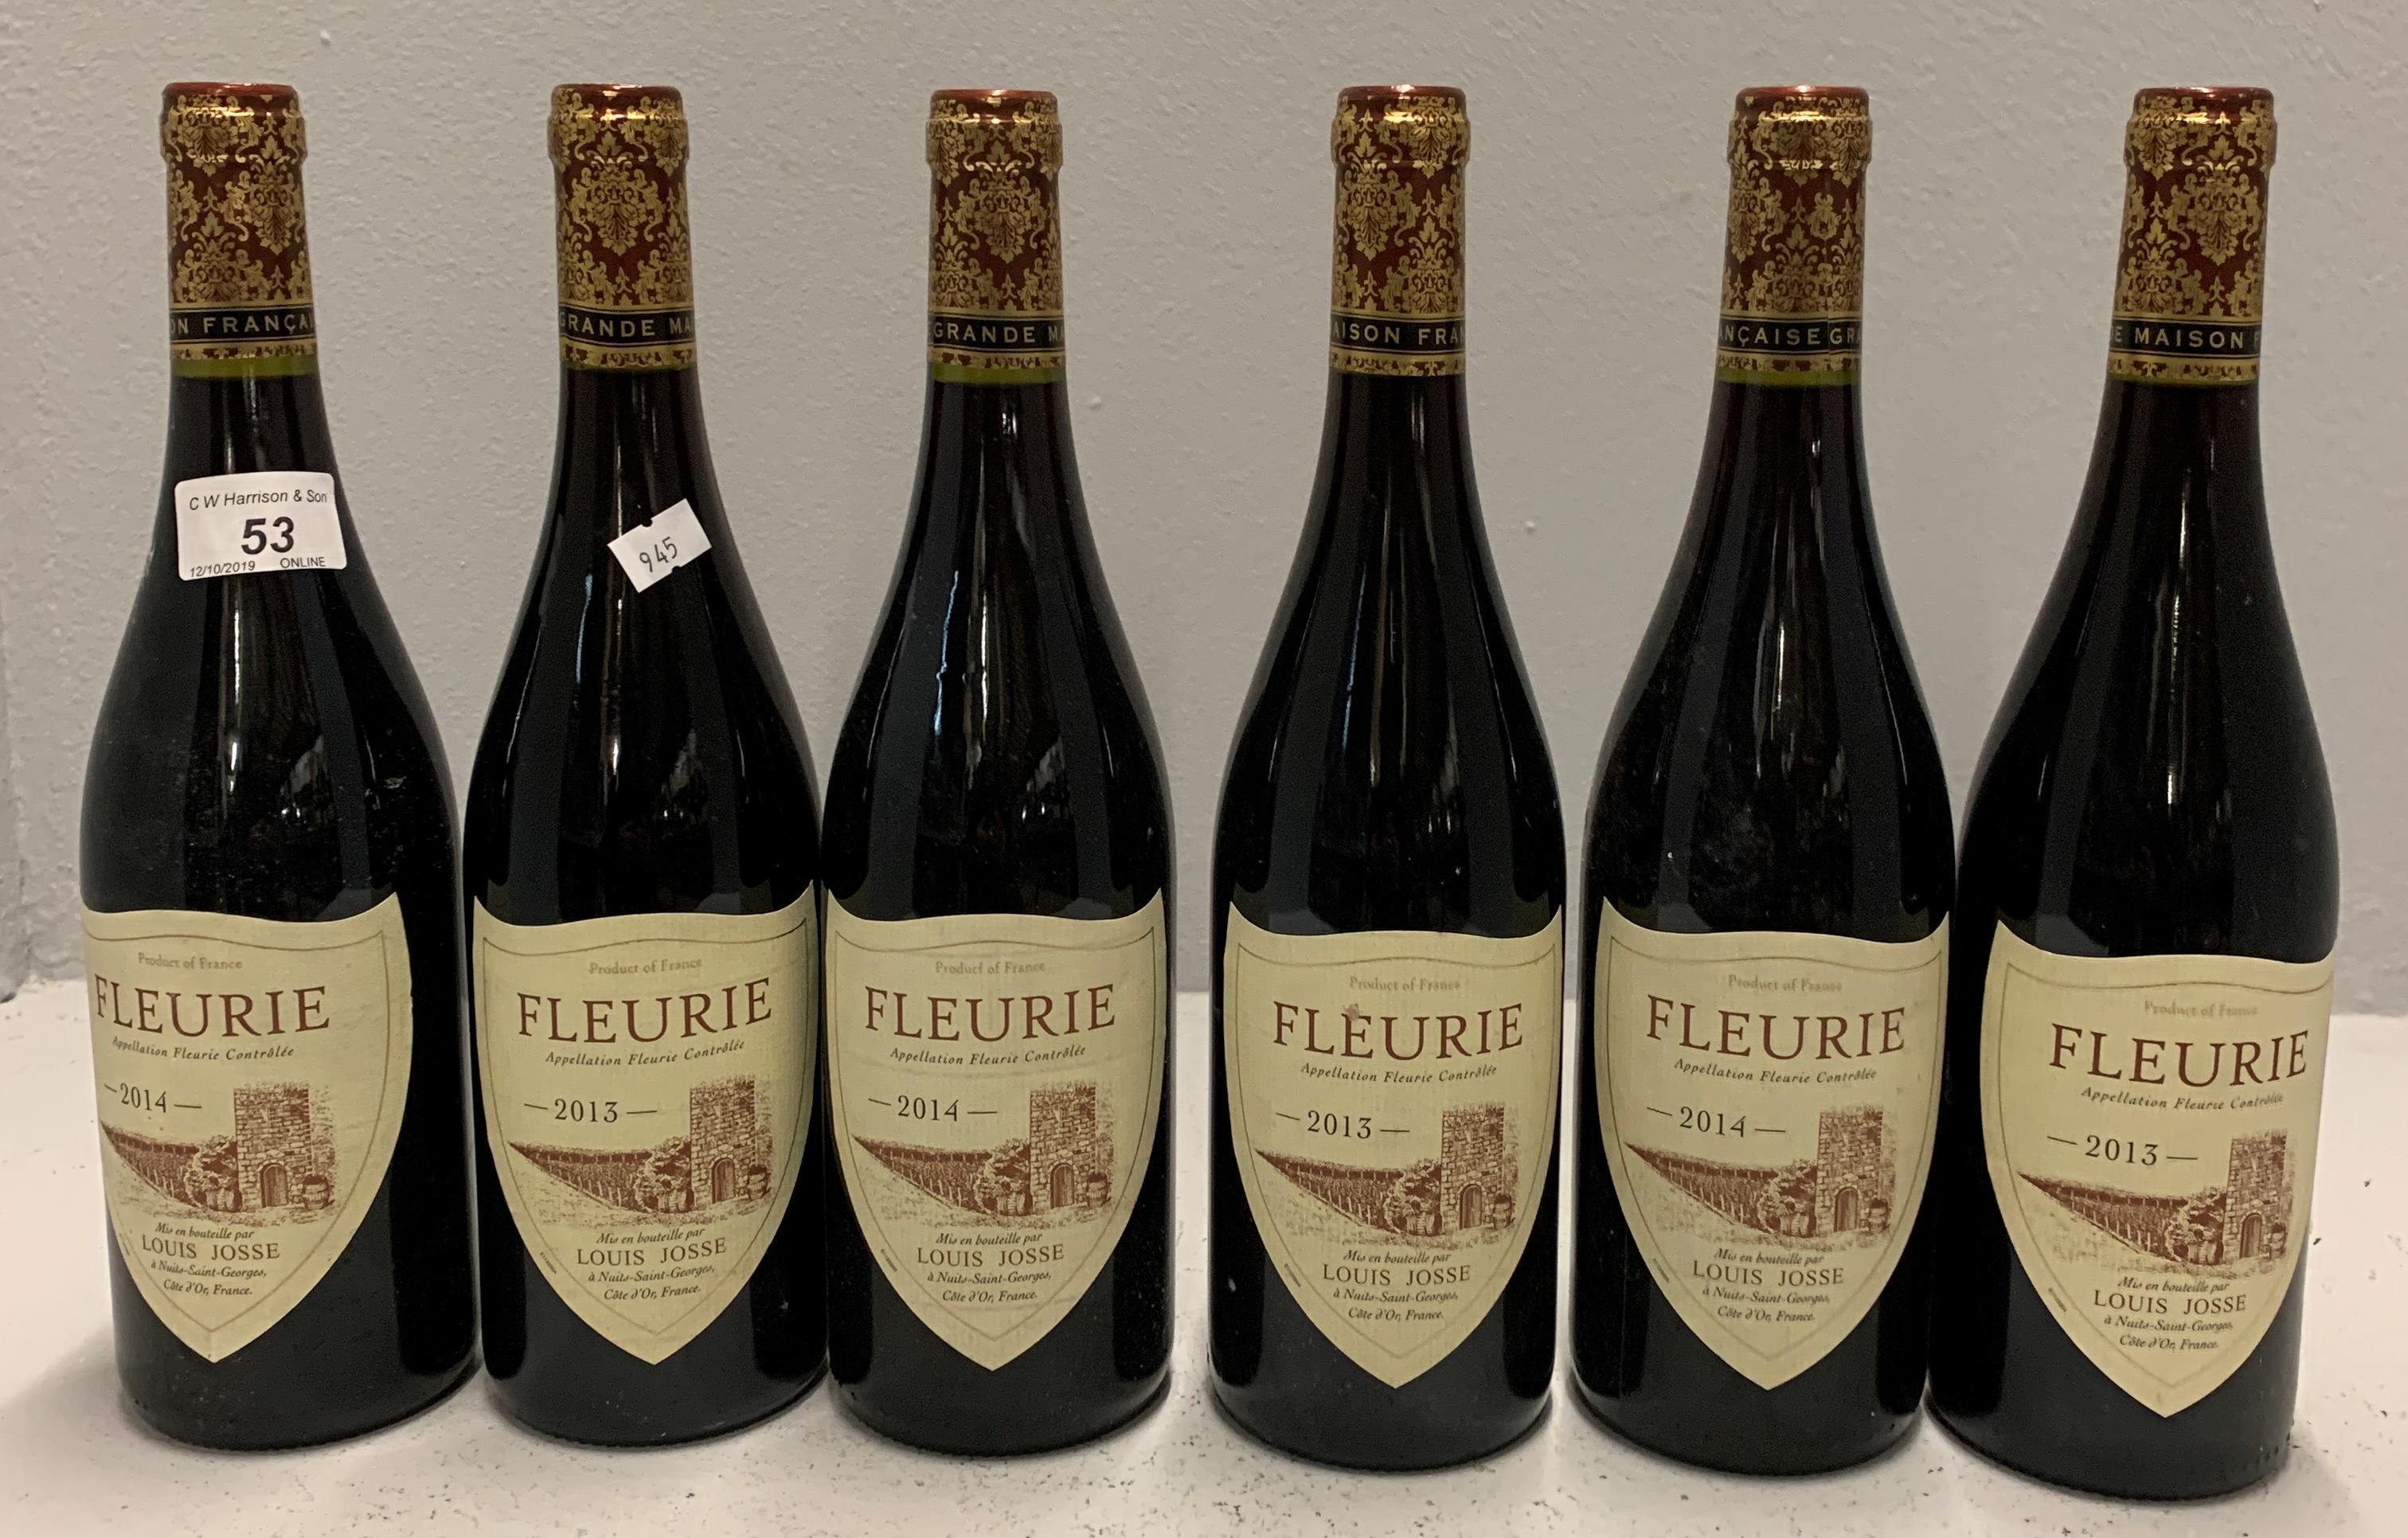 6 x 750ml bottles Louis Josse Fleurie